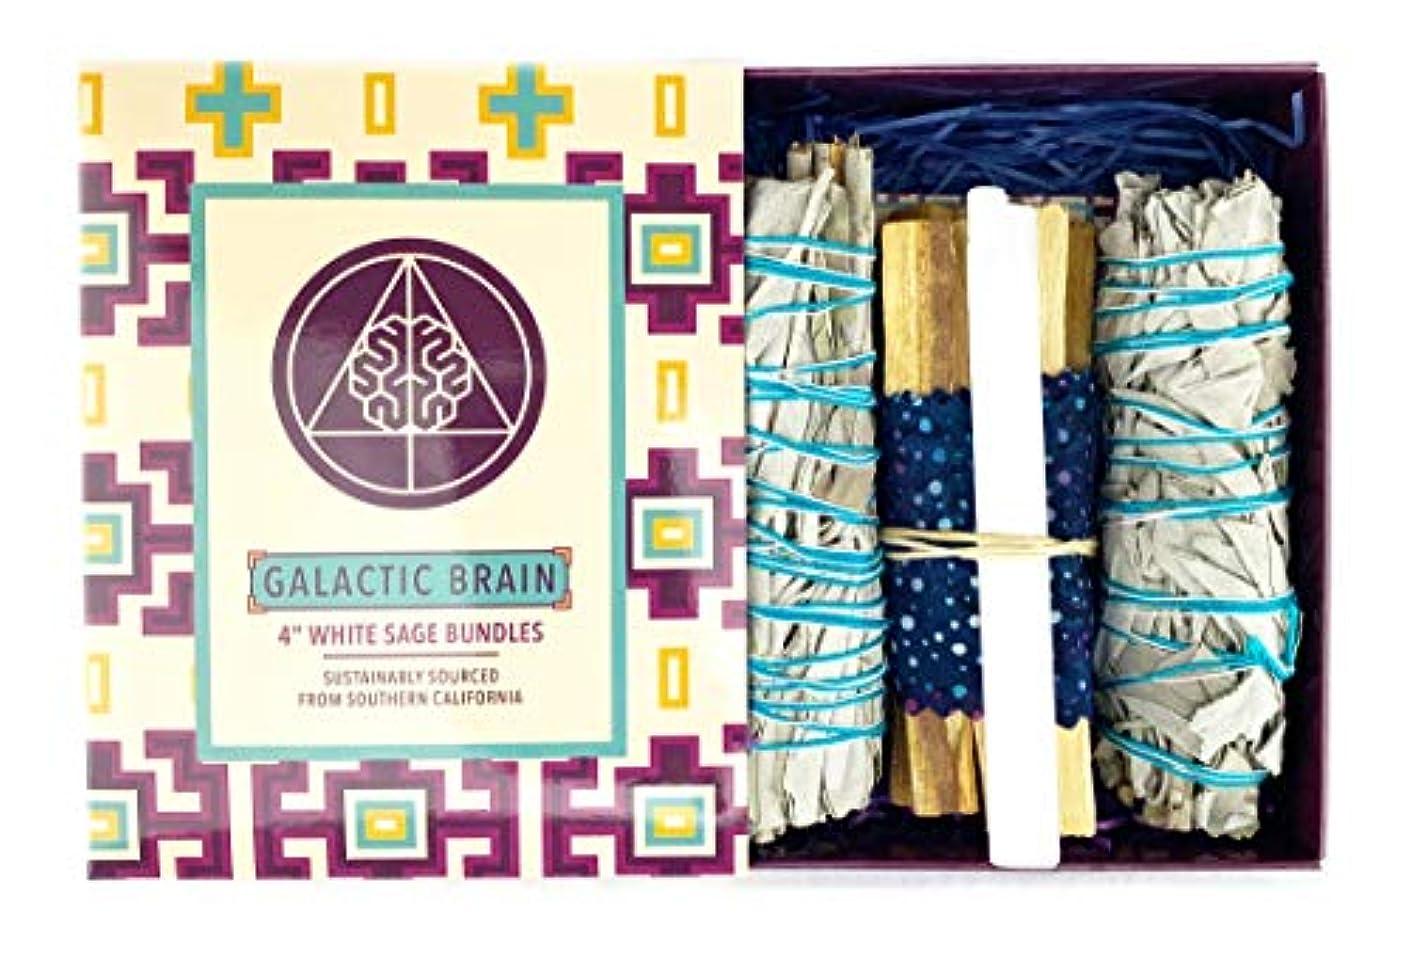 差し控える暫定広告GalacticBrain 4インチ カリフォルニアホワイトセージスマッジバンドル/スマッジスティックキット ご自宅をきれいにしましょう。 瞑想/ヨガの練習を強化。 振動を上げましょう。 パロサントスティック 2本 セレナイトクリスタル